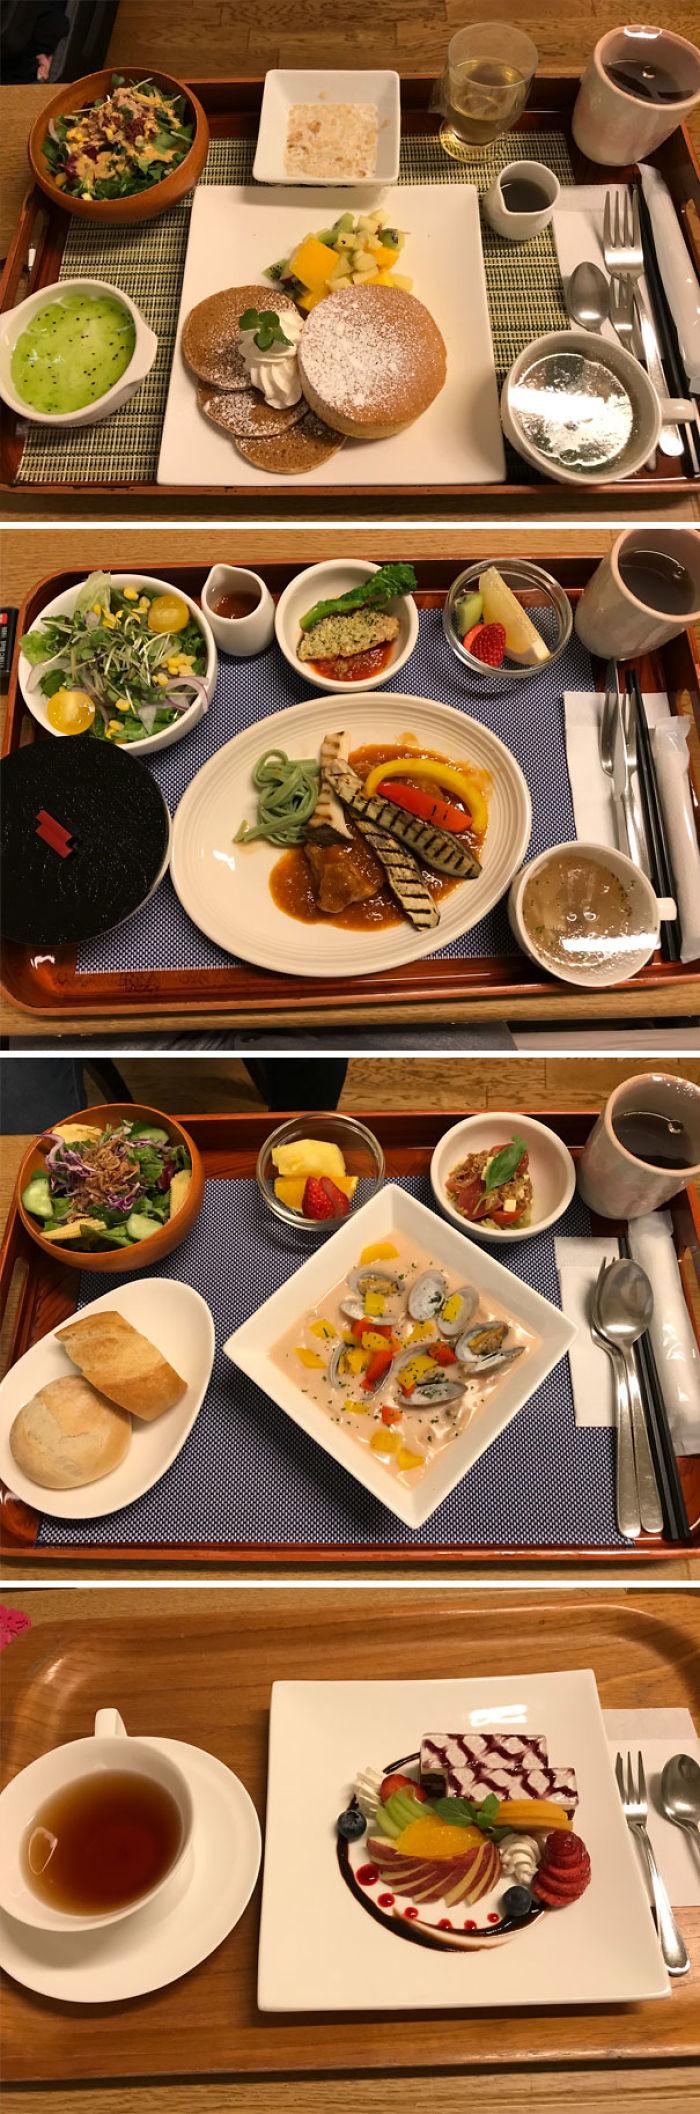 Hace poco di a luz en Japón y esta es alguna de la comida que me dieron en el hospital